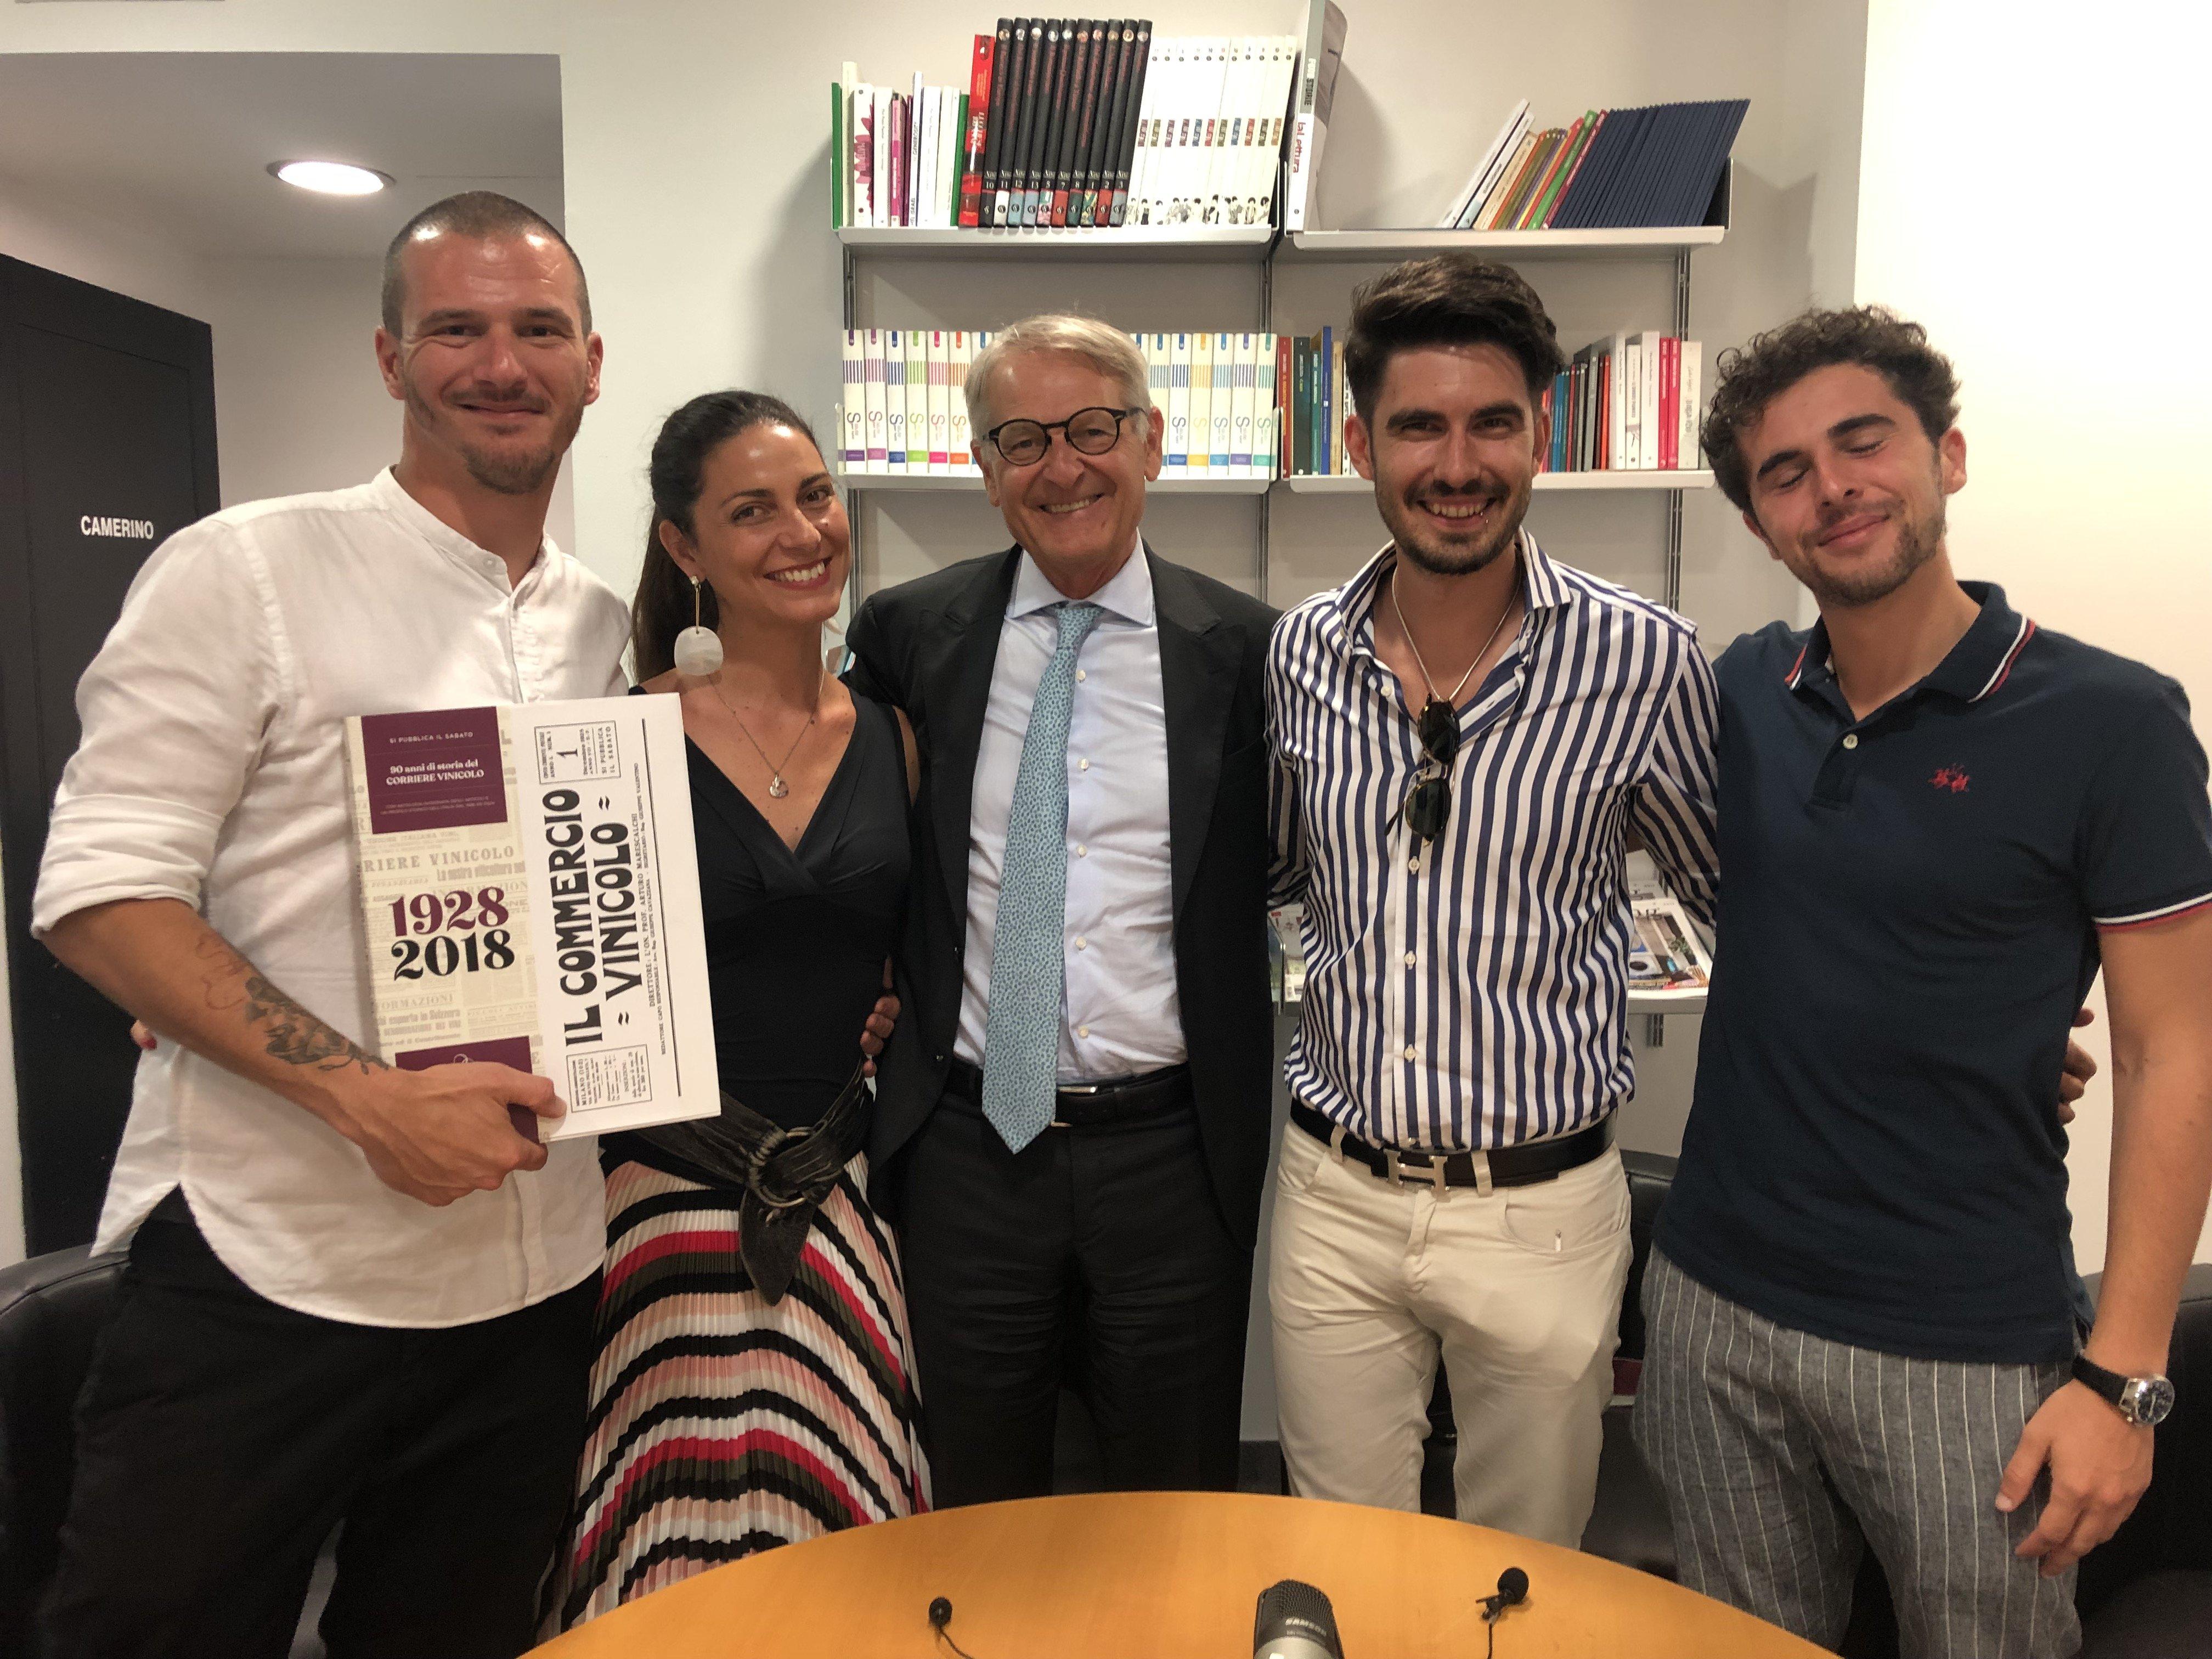 Adriano Amoretti, Chiara Giannotti, Ernesto Abbona, Emanuele Trono, Stefano Quaglierini